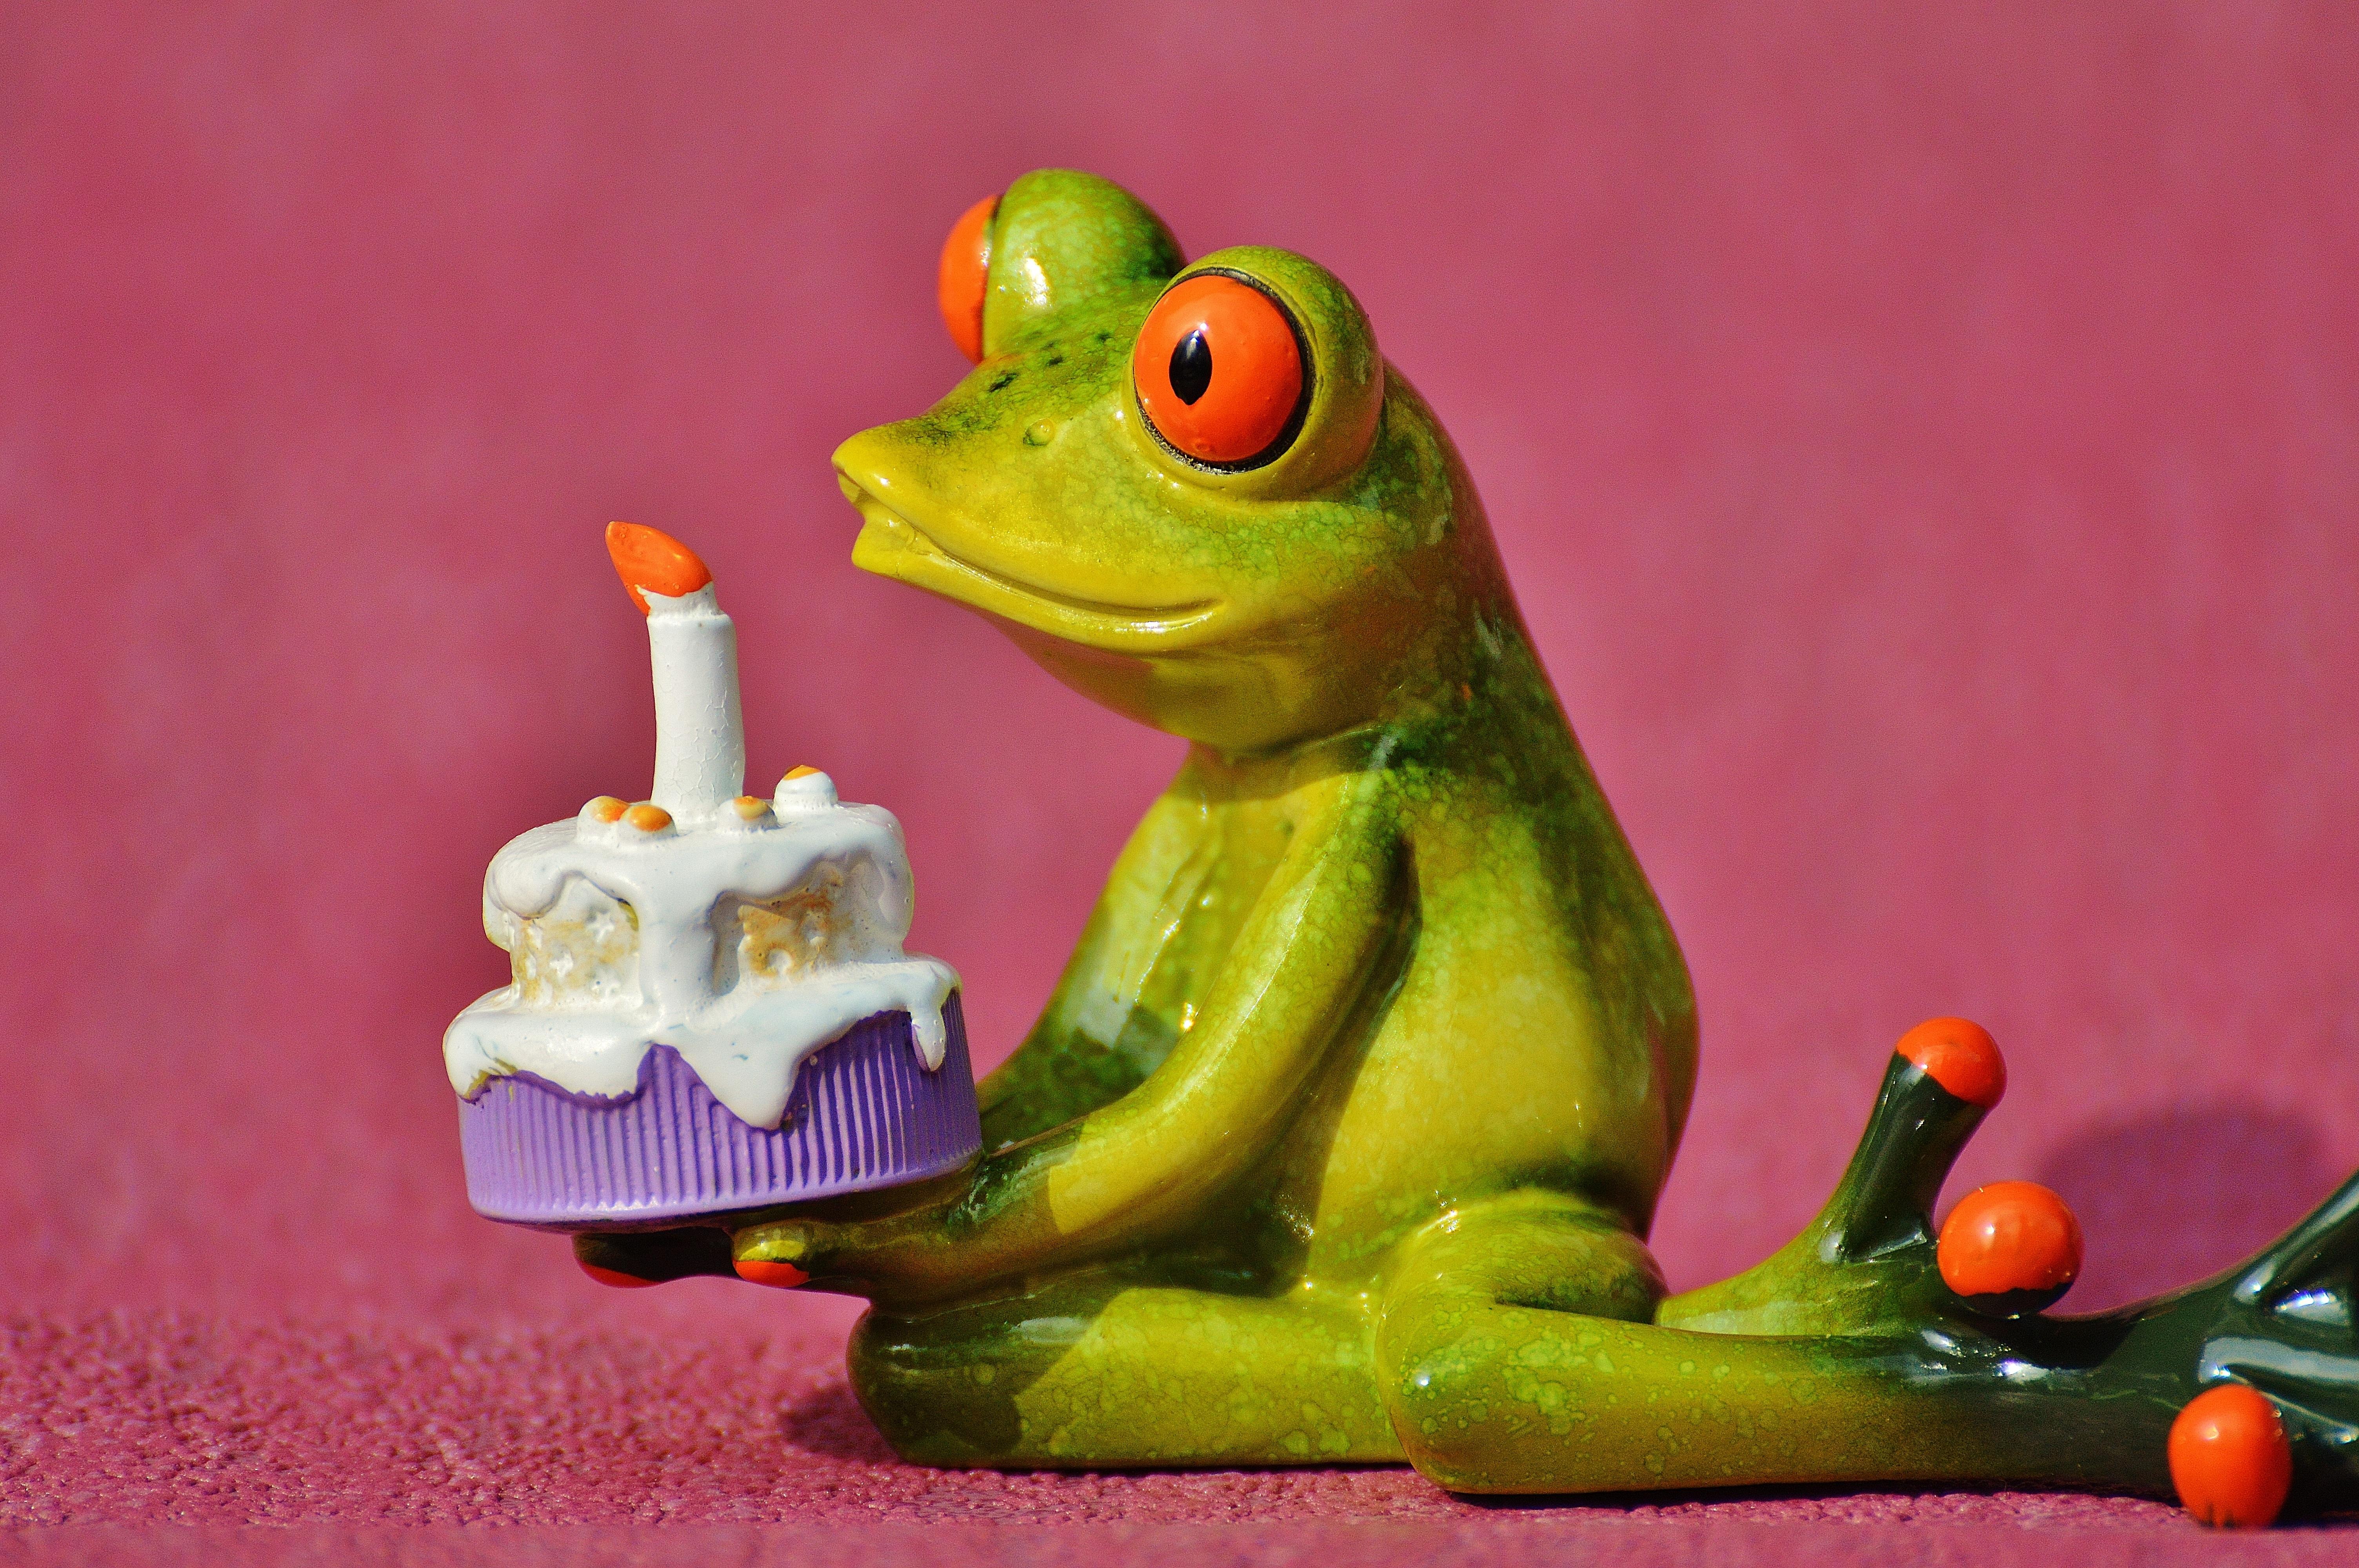 legrační obrázky k narozeninám Free fotobanka : sladký, roztomilý, zelená, žába, obojživelník  legrační obrázky k narozeninám